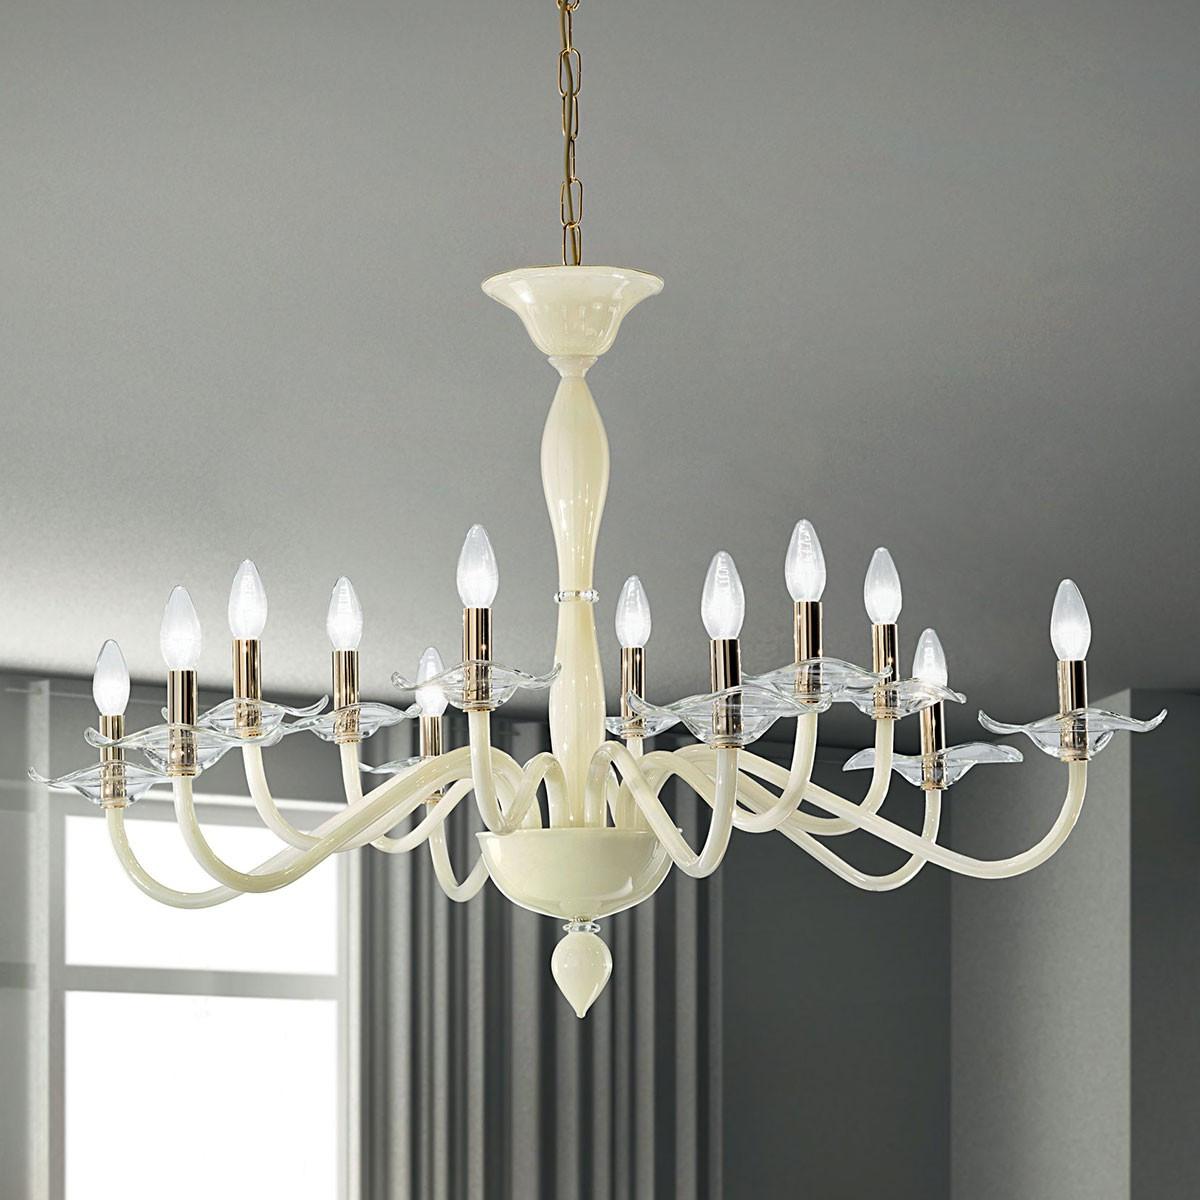 """""""Aragona"""" lampara de araña de Murano  - 6+6 luces - blanco y transparente"""